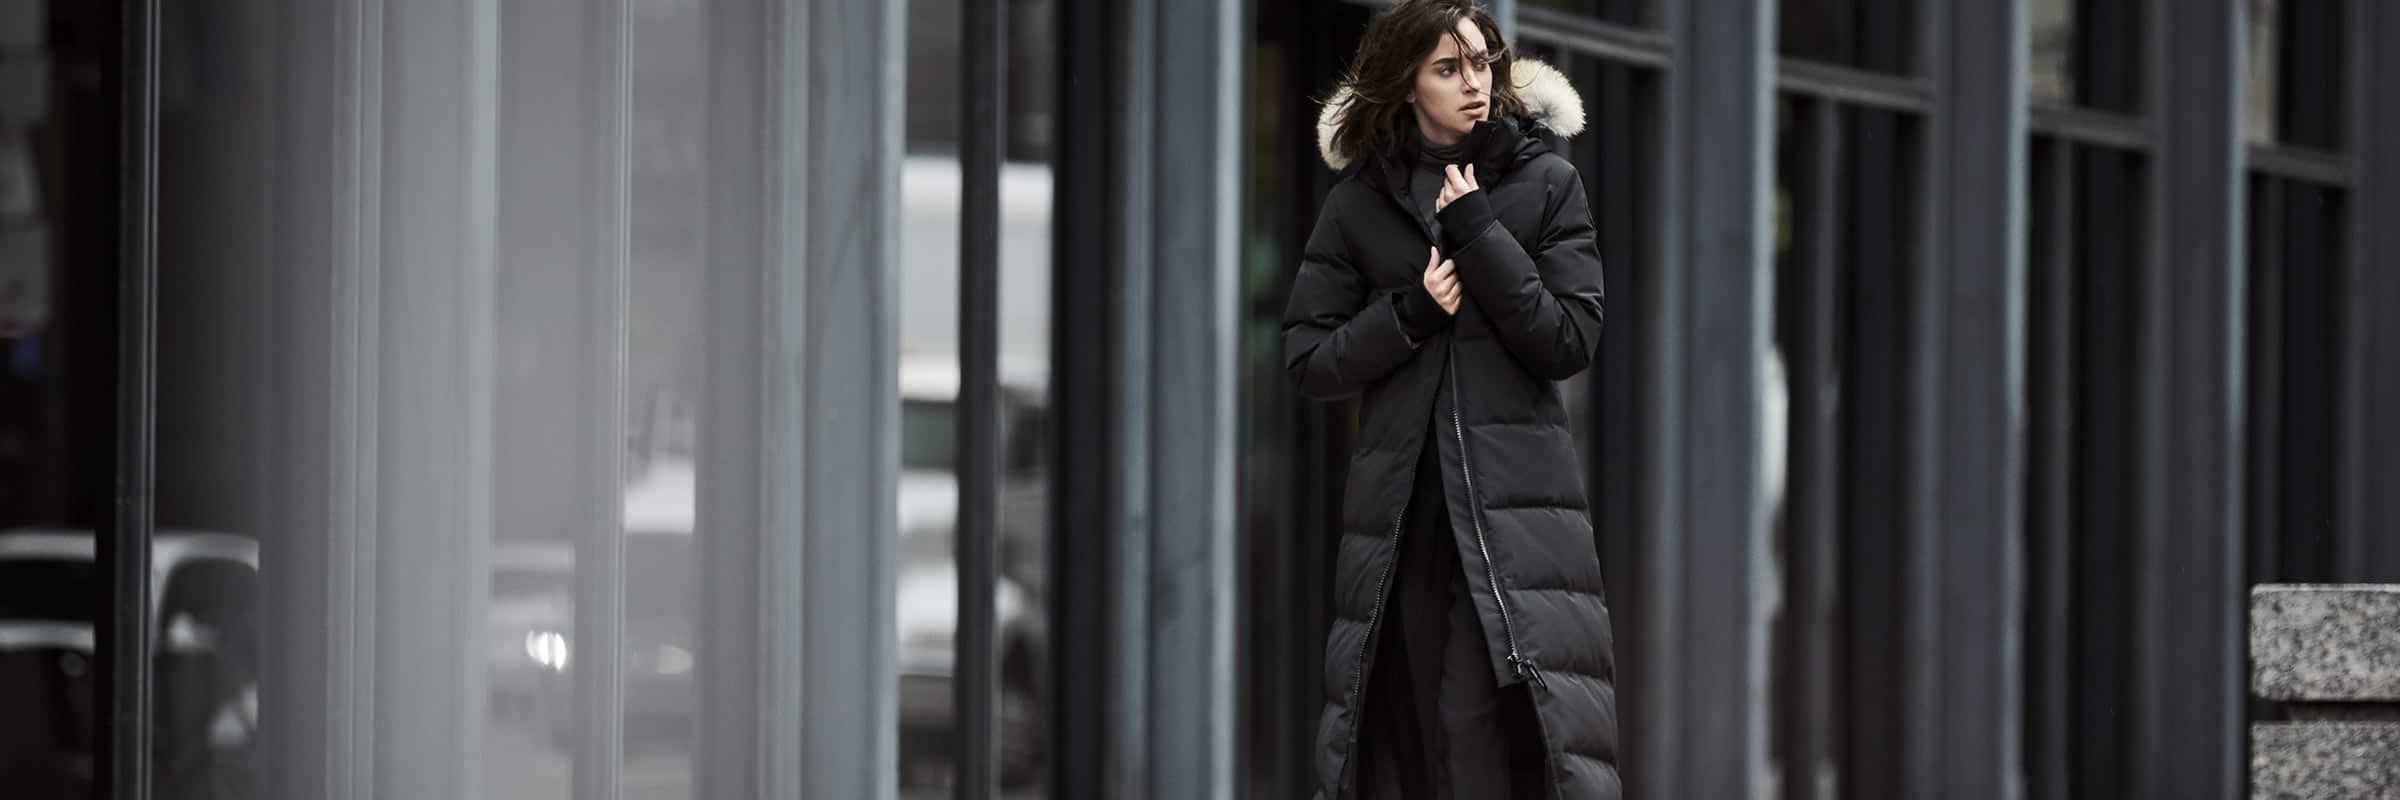 Coupe Fusion de Canada Goose : des manteaux d'hiver aux coupes ajustées pour les petites taille